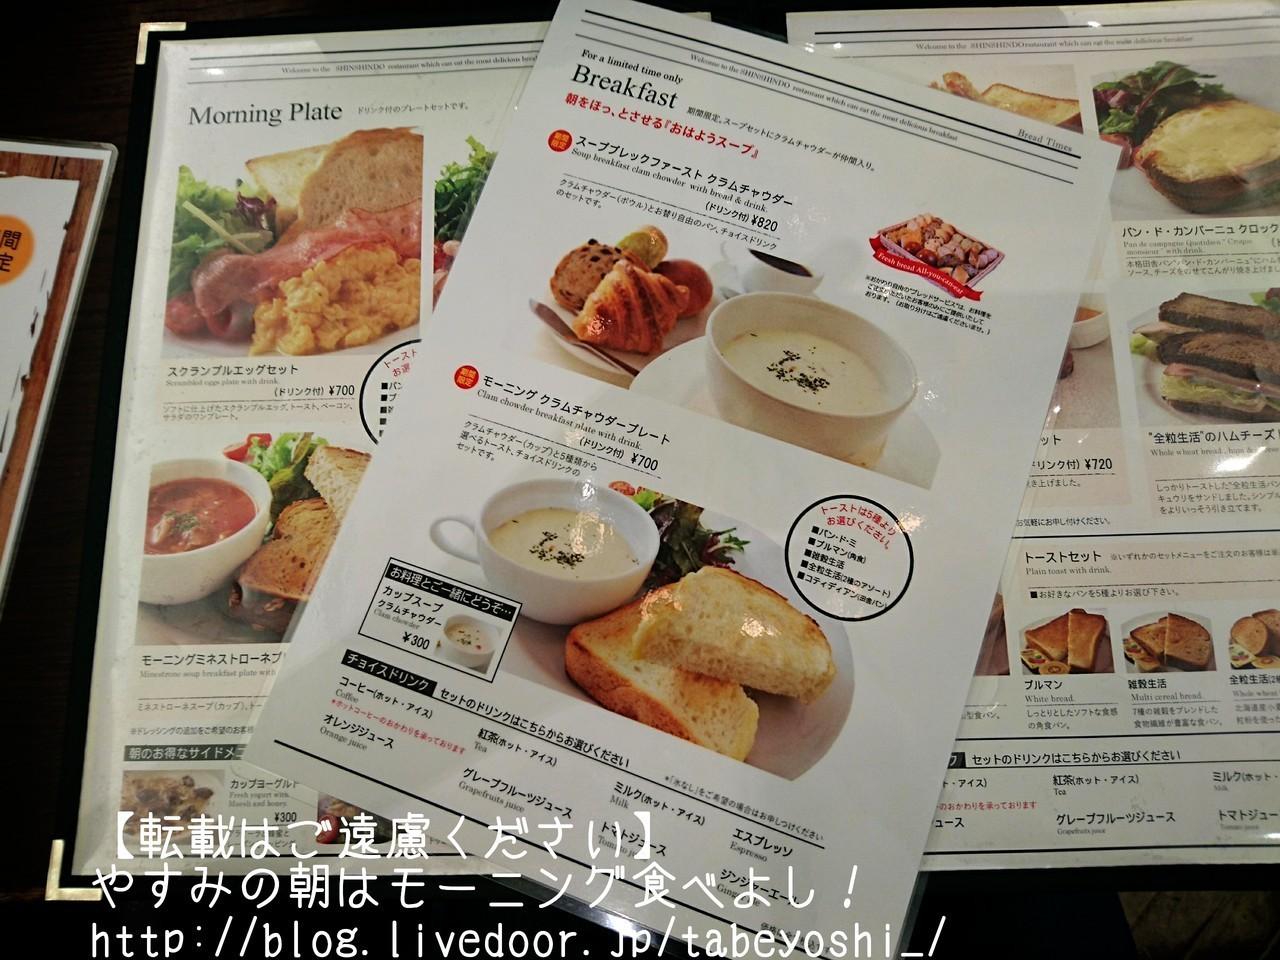 京都進進堂-早餐菜單